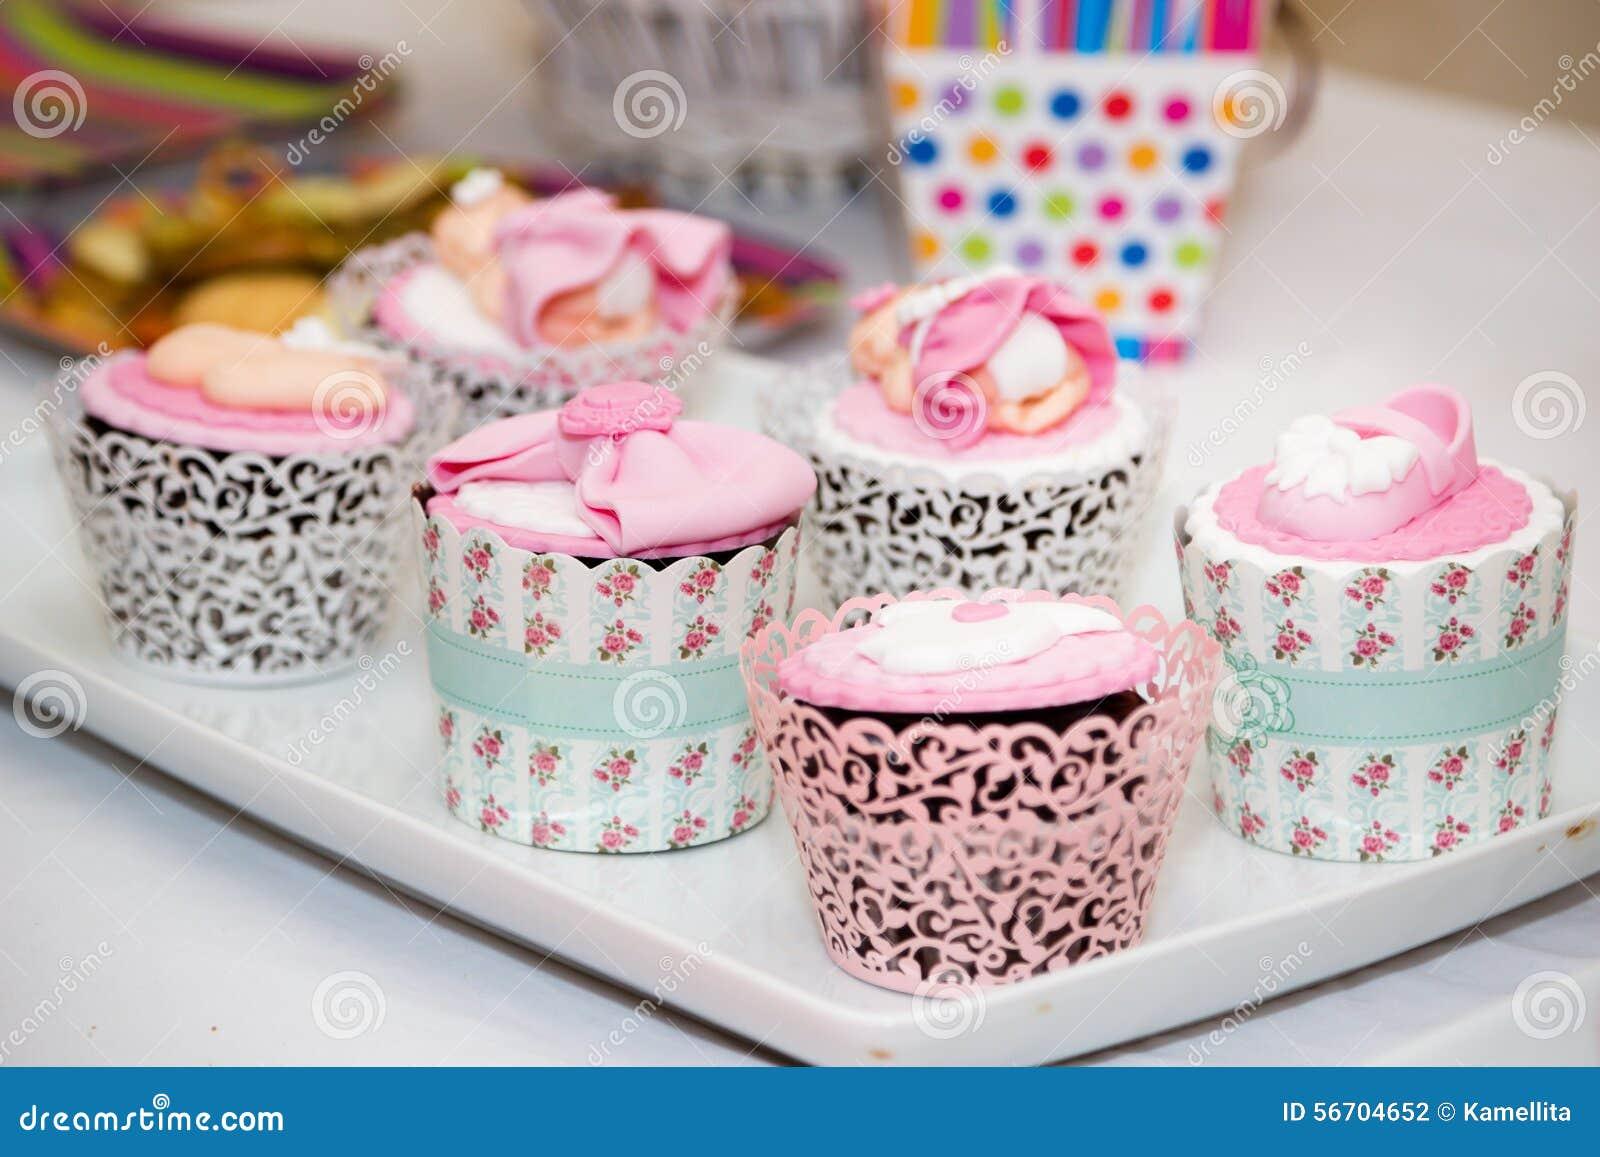 Kleine Kuchen Fur Eine Babyparty Partei Stockfoto Bild Von Suss